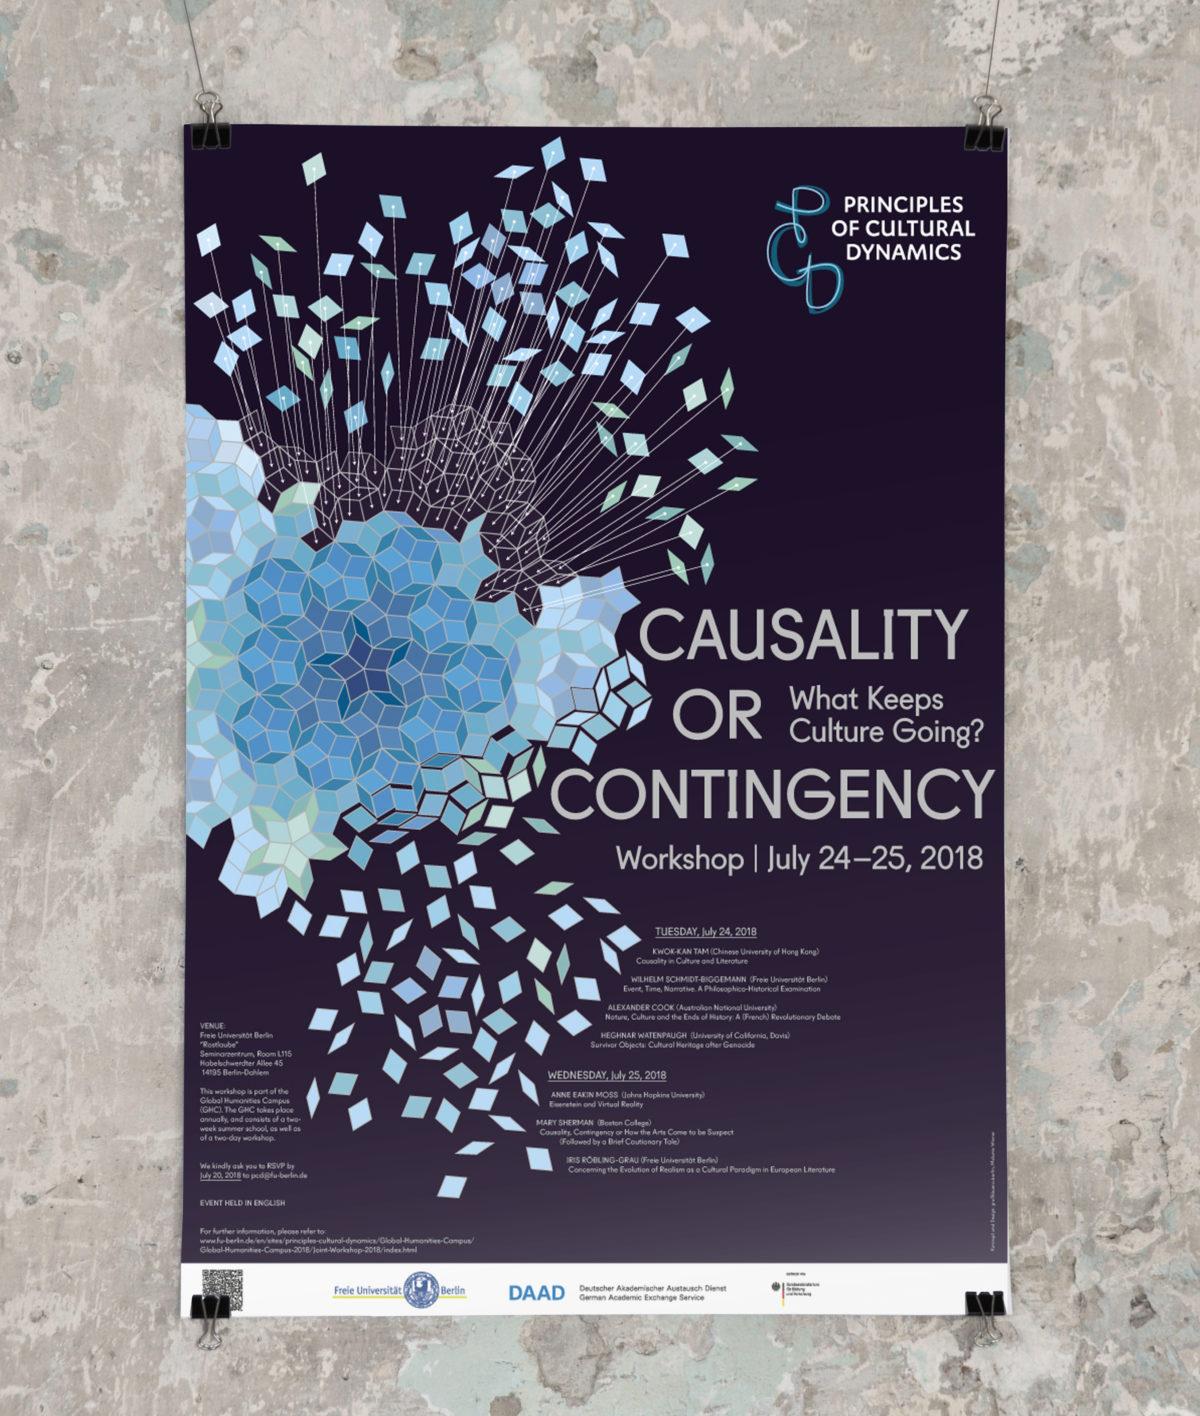 """Plakat des Thematic Network """"Principles of Cultural Dynamics"""" der Freien Universität Berlin zur Jahrestagung 2018"""